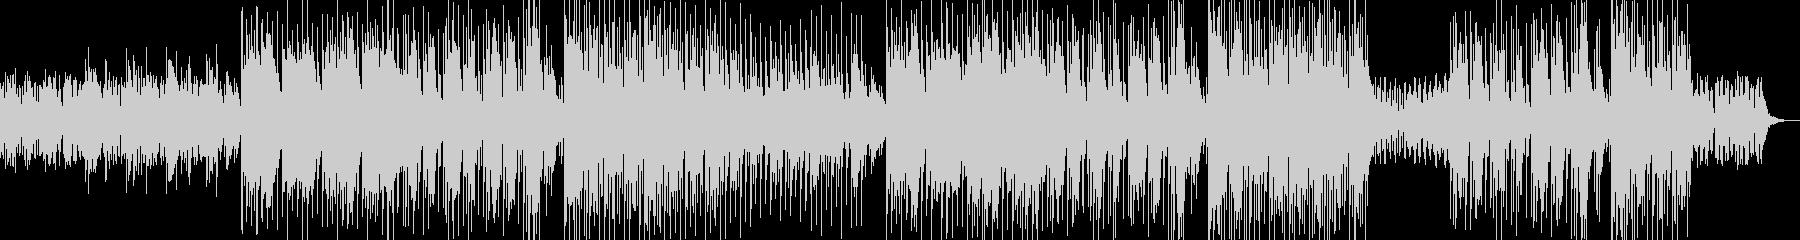 夜の洞窟をイメージした曲の未再生の波形